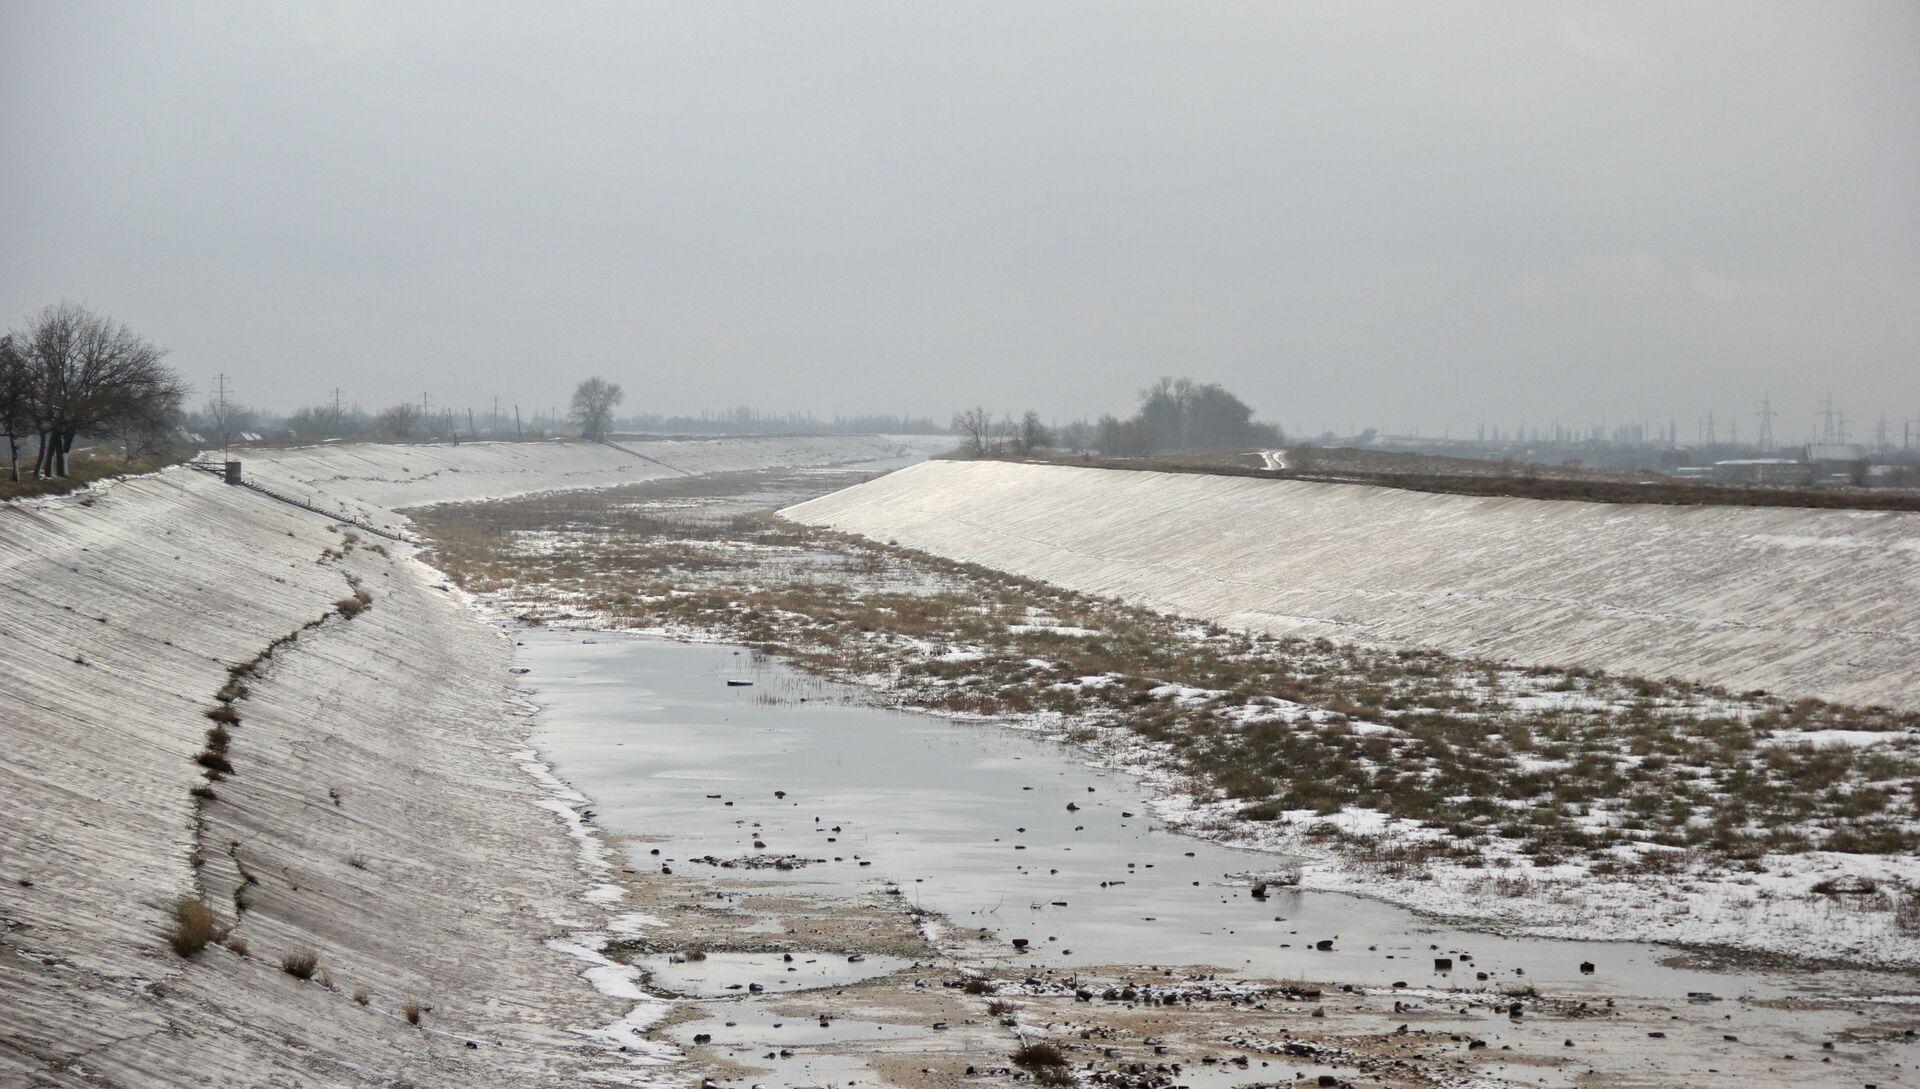 Северо-Крымский канал, декабрь 2018 года - РИА Новости, 1920, 17.02.2021